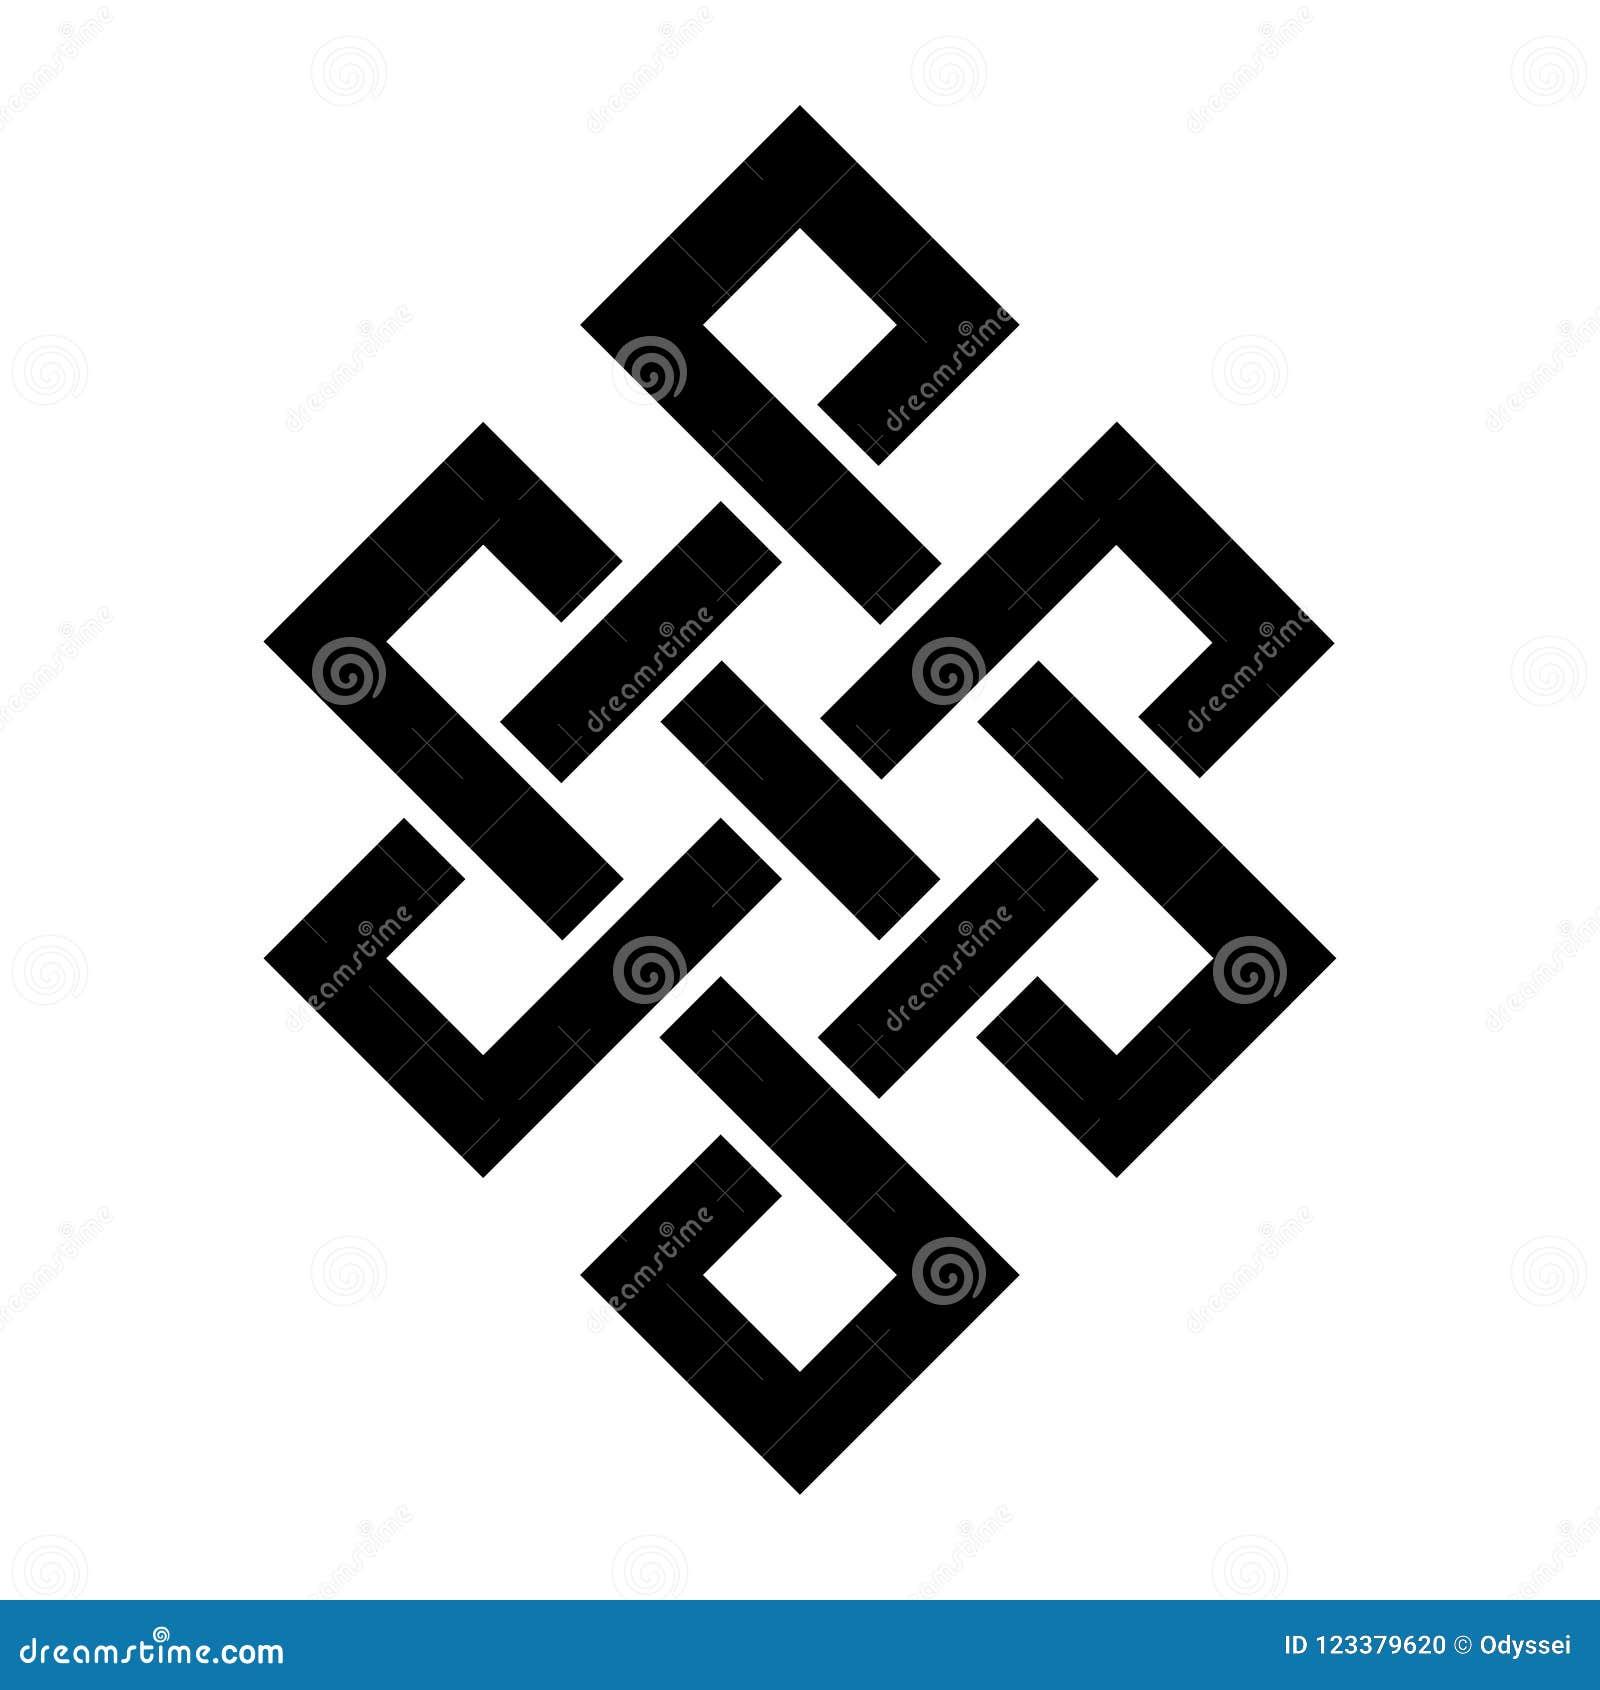 Tripa de Buda ( El knot&#x29 eterno; símbolo del — de la inseparabilidad de la existencia en el universo